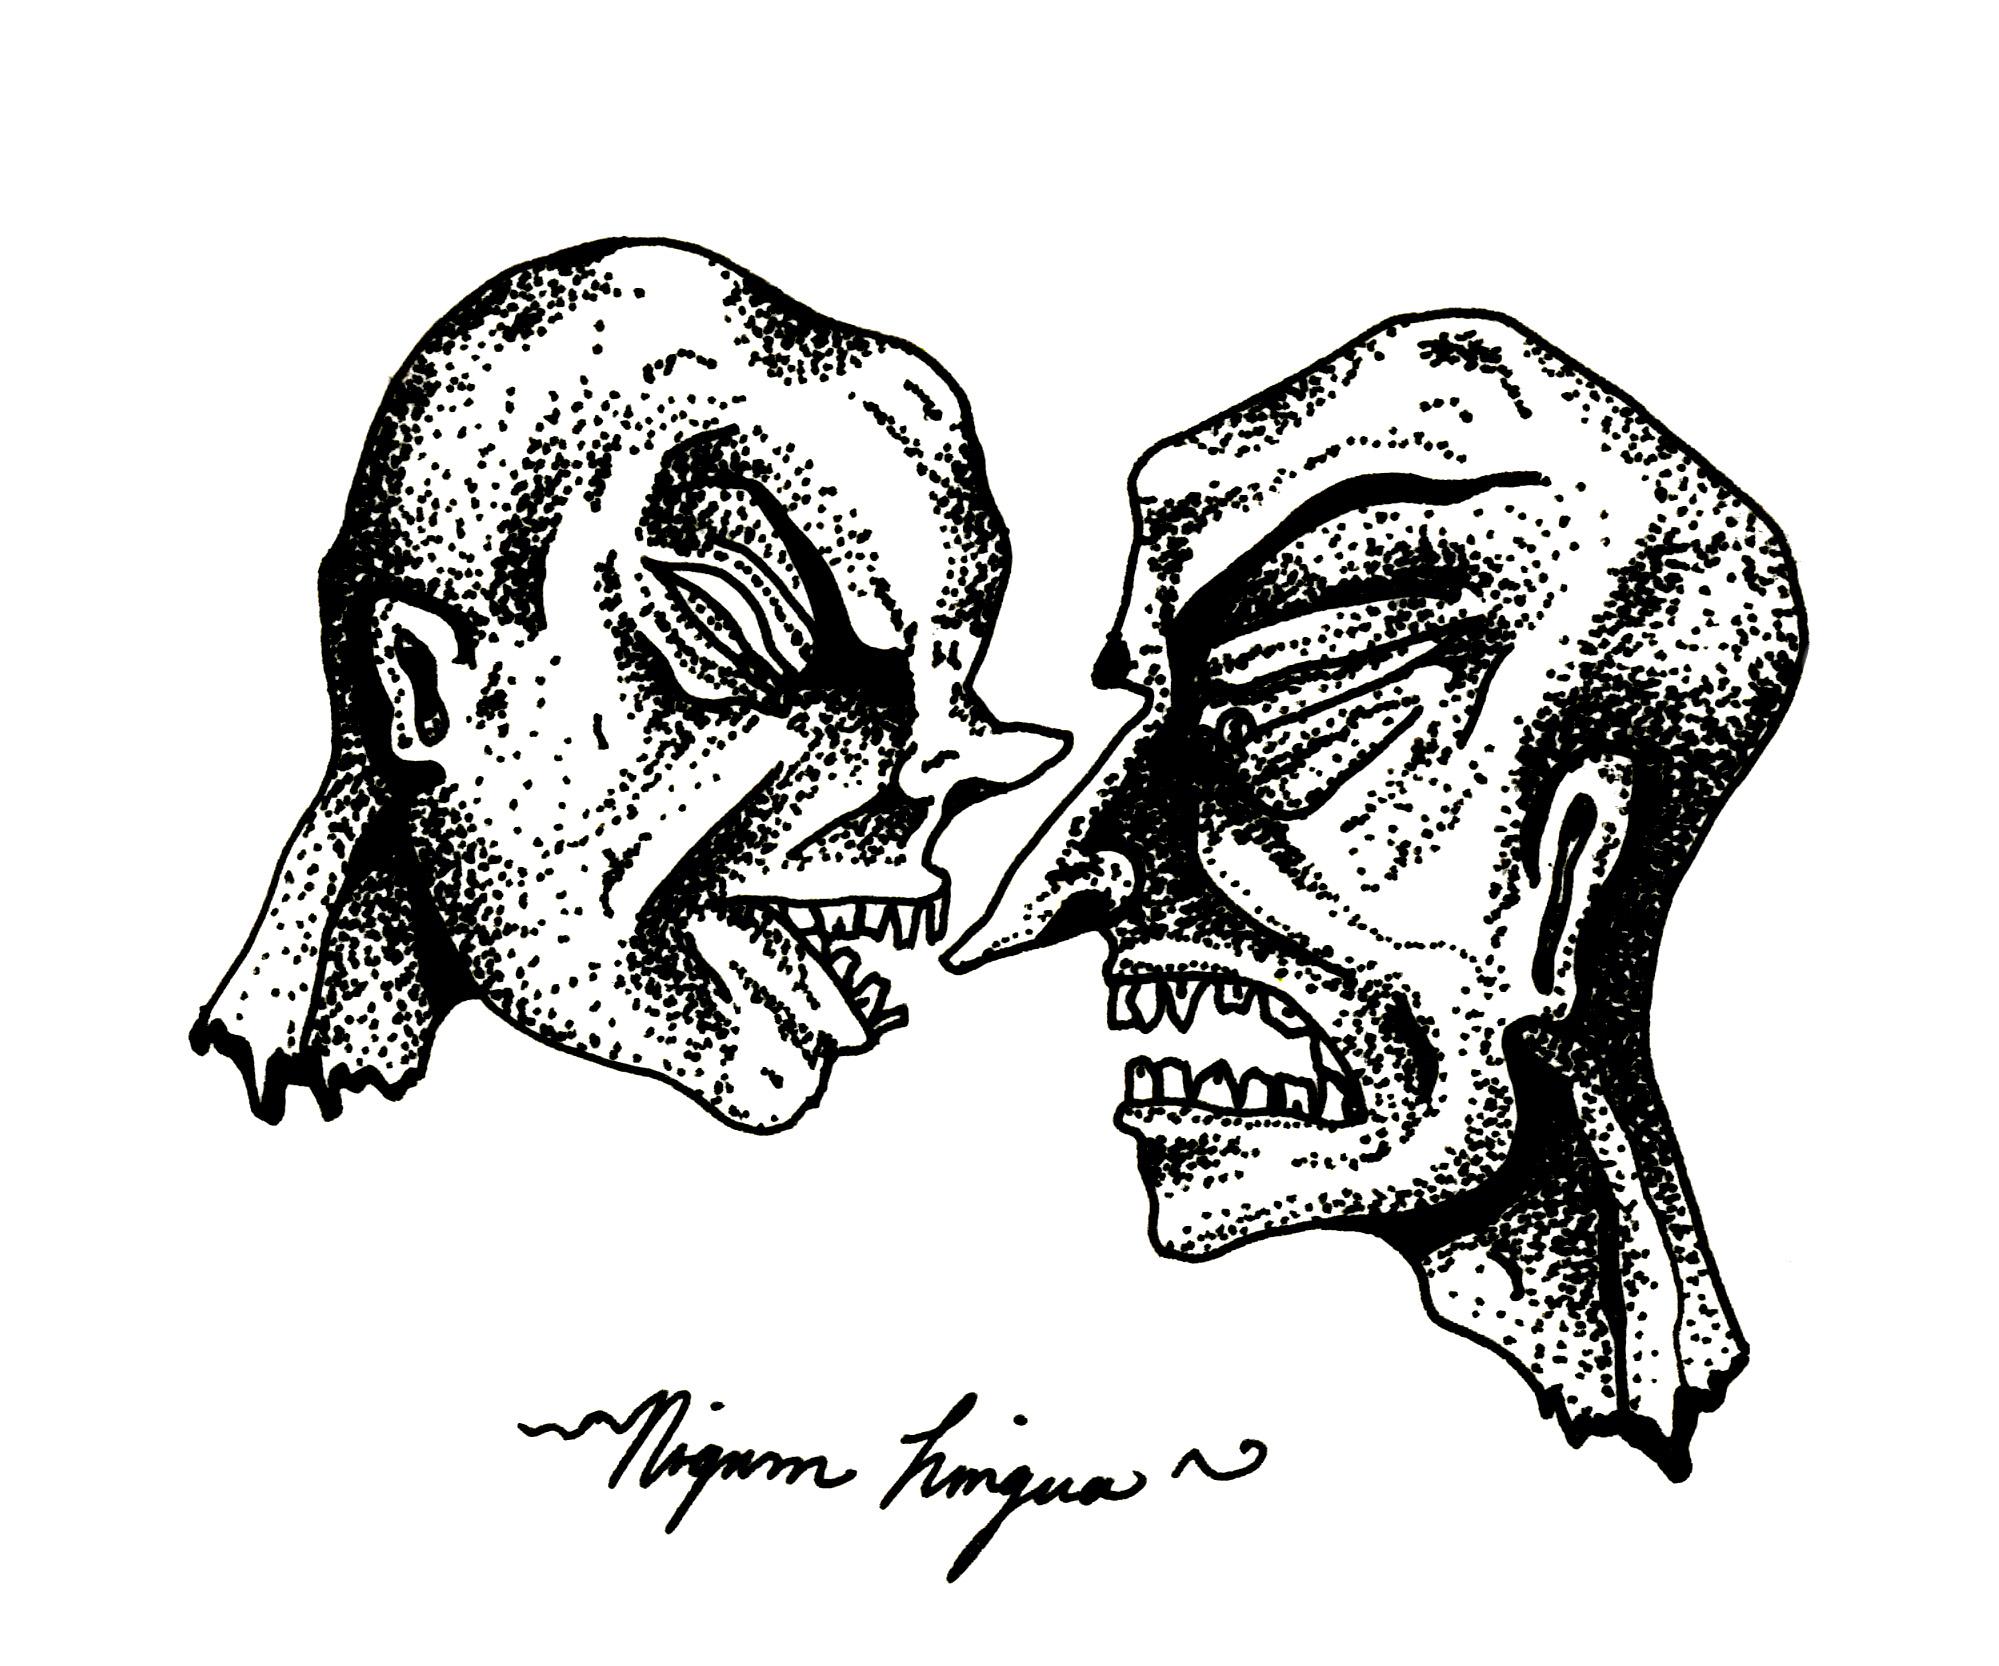 Nigrum Lingua